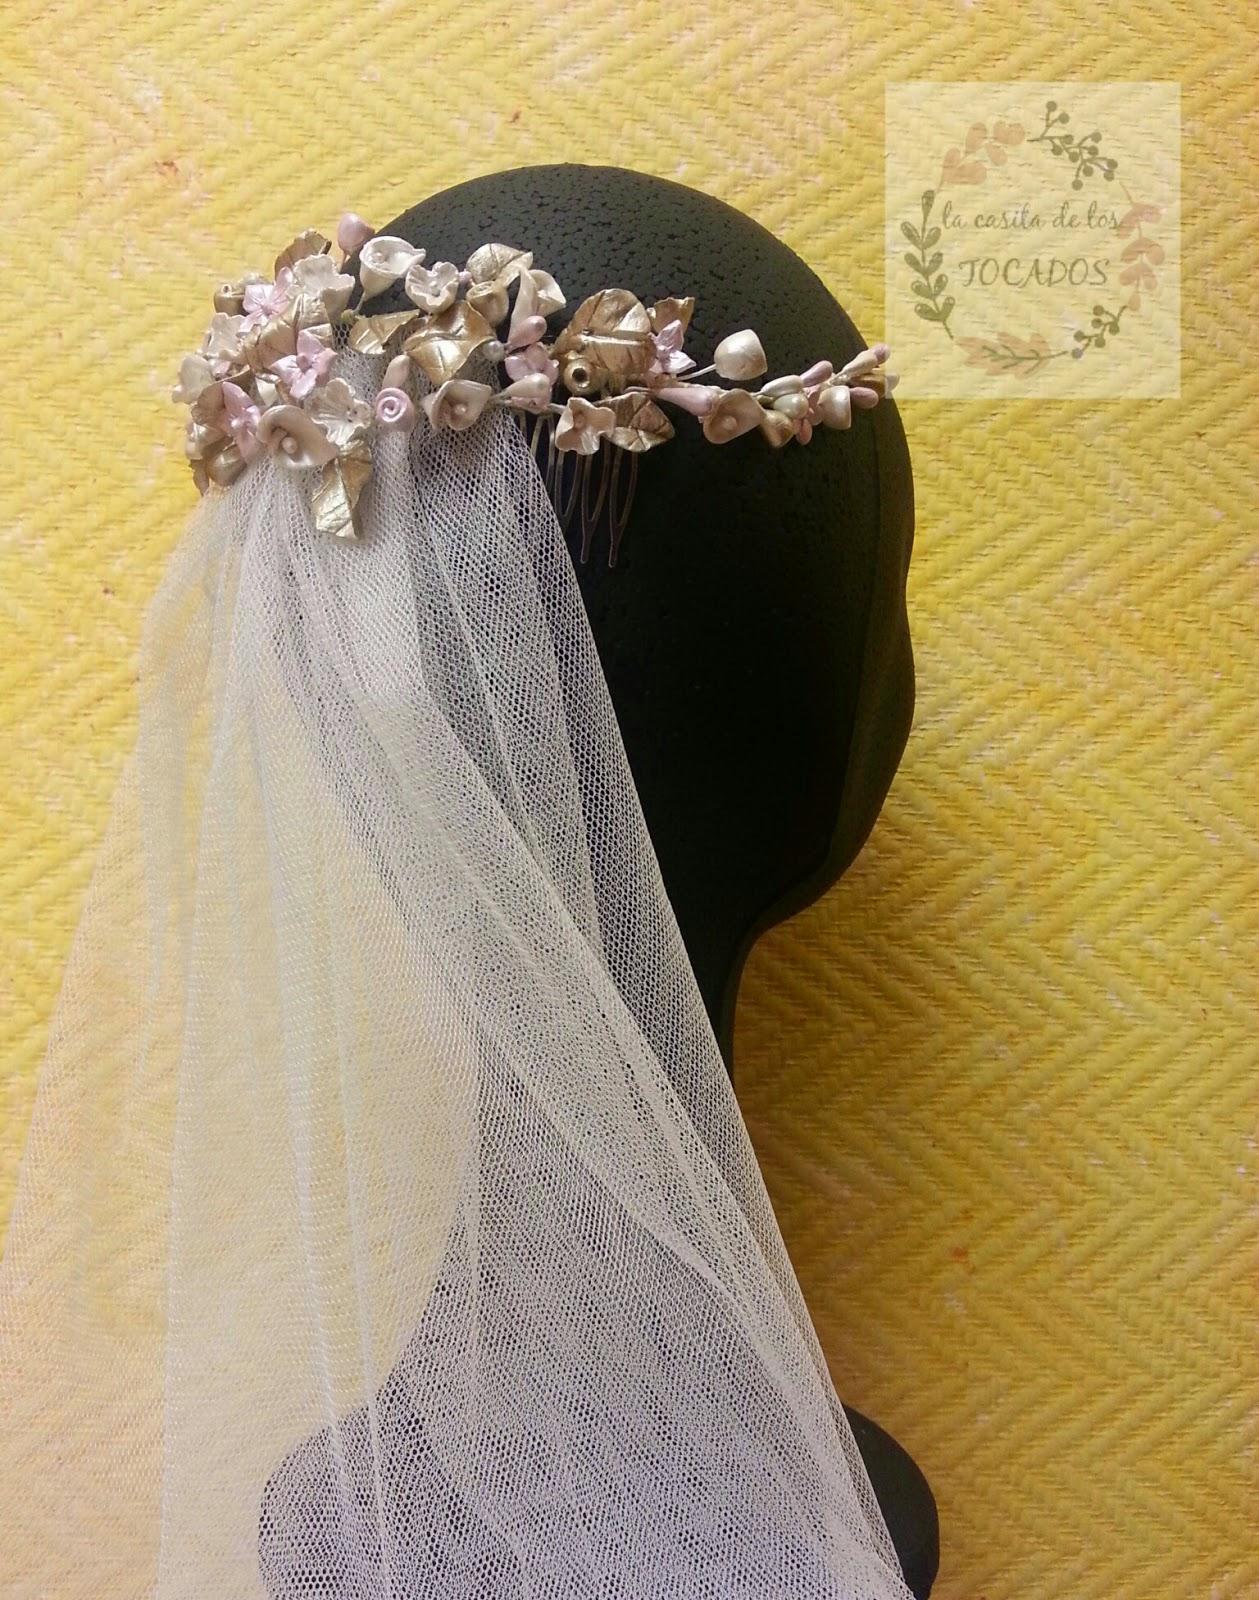 semicorona para novia en colores pastel realizada en porcelana fría de forma artesanal